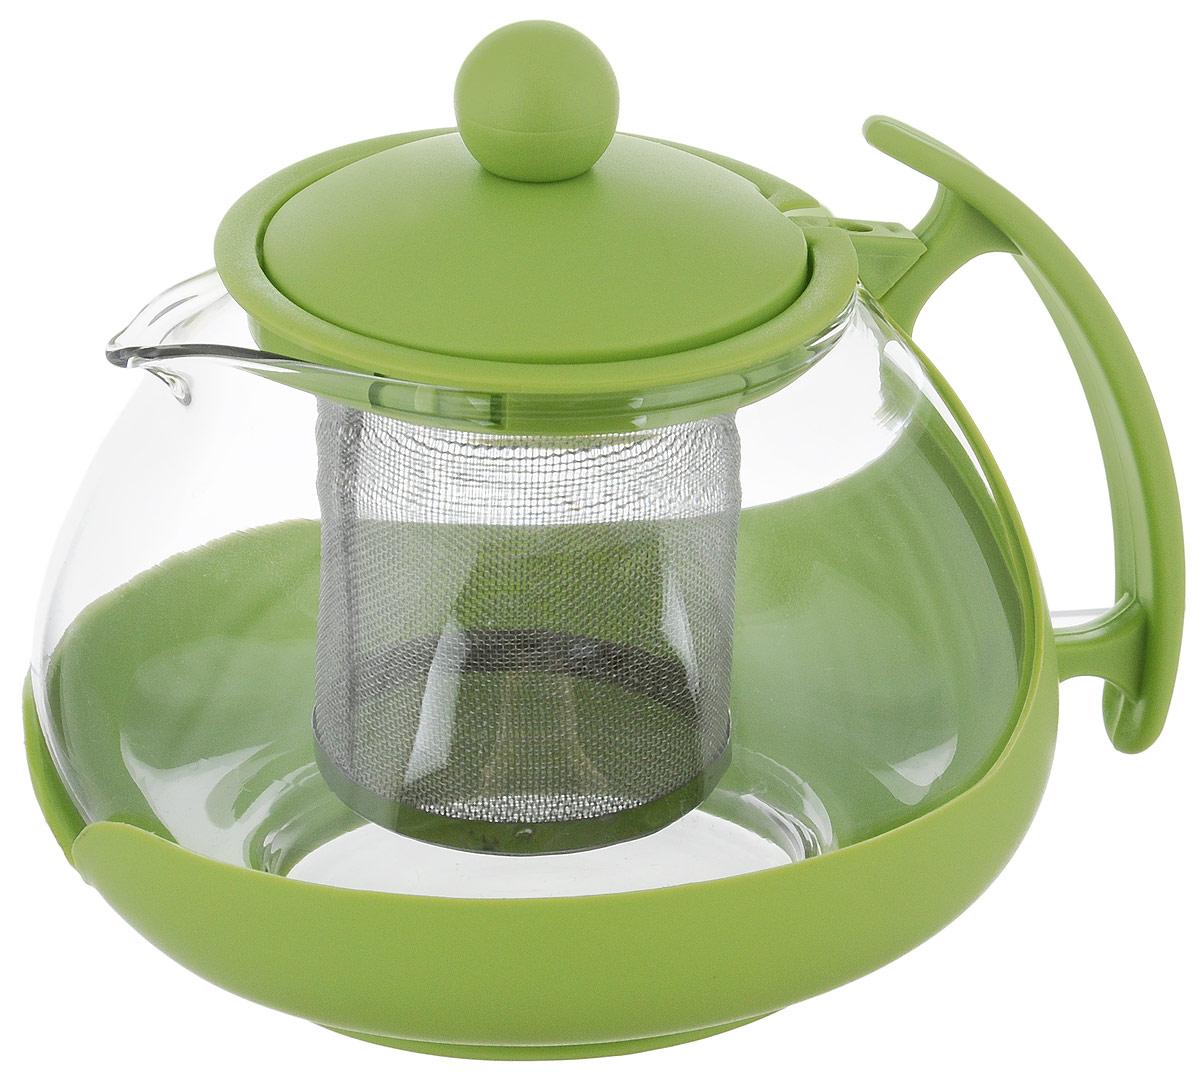 Чайник заварочный Bekker, с фильтром, цвет: салатовый, прозрачный, 750 мл. BK-307T04/35/01/01Заварочный чайник Bekker изготовлен извысококачественного стекла и пластика. Изделие оснащеносетчатым металлическим фильтром, который задерживаетчаинки и предотвращает их попадание в чашку, а прозрачныестенки дадут возможность наблюдать за насыщением напитка.Чай в таком чайнике дольше остается горячим, а полезные иароматические вещества полностью сохраняются в напитке. Диаметр чайника (по-верхнему краю): 8 см. Высота чайника: 9,5 см.